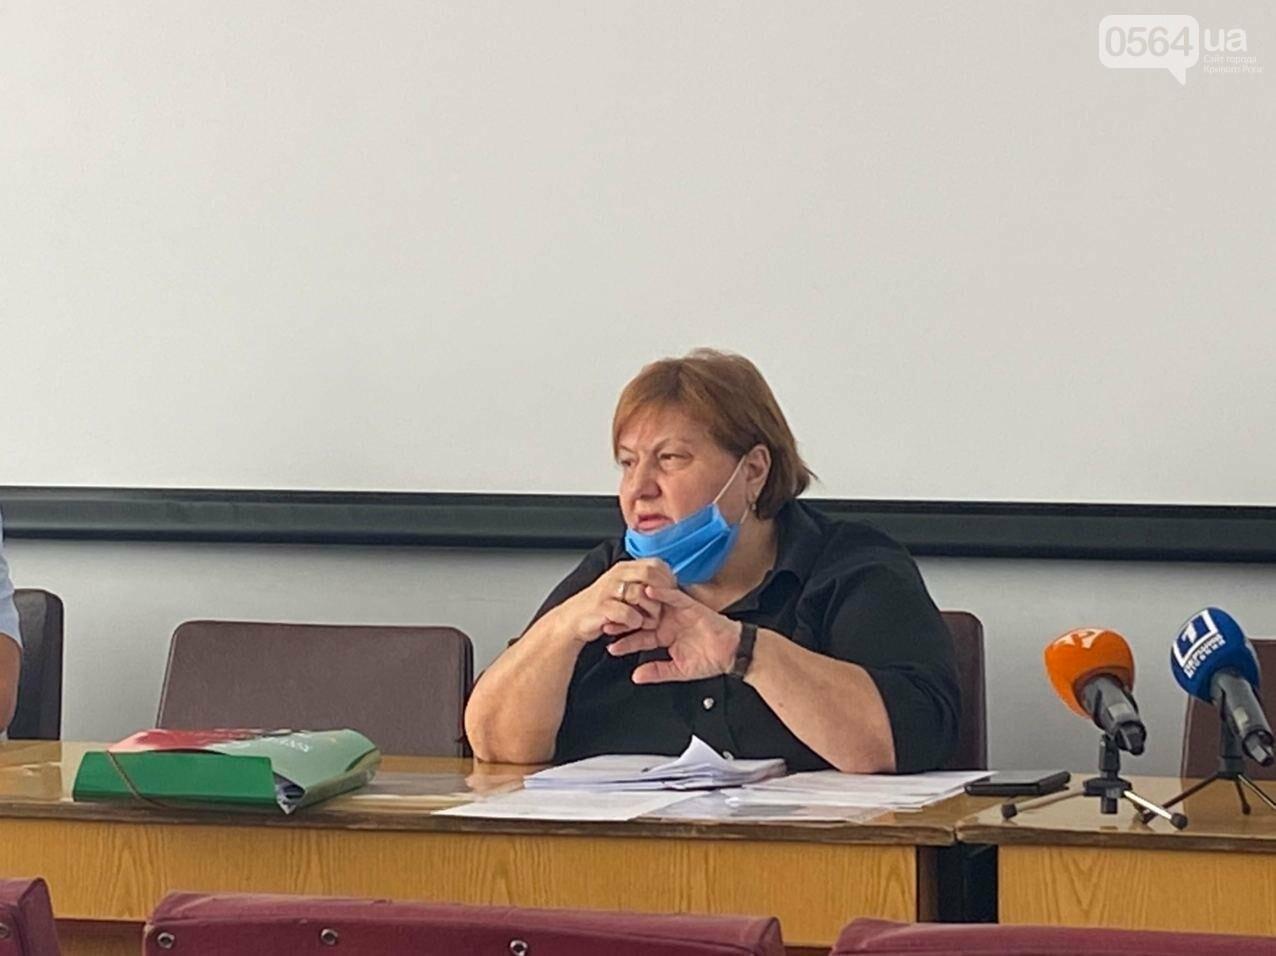 В Кривом Роге открылась сессия горсовета. Некоторые комиссии не смогли провести заседания, - ФОТО, фото-2